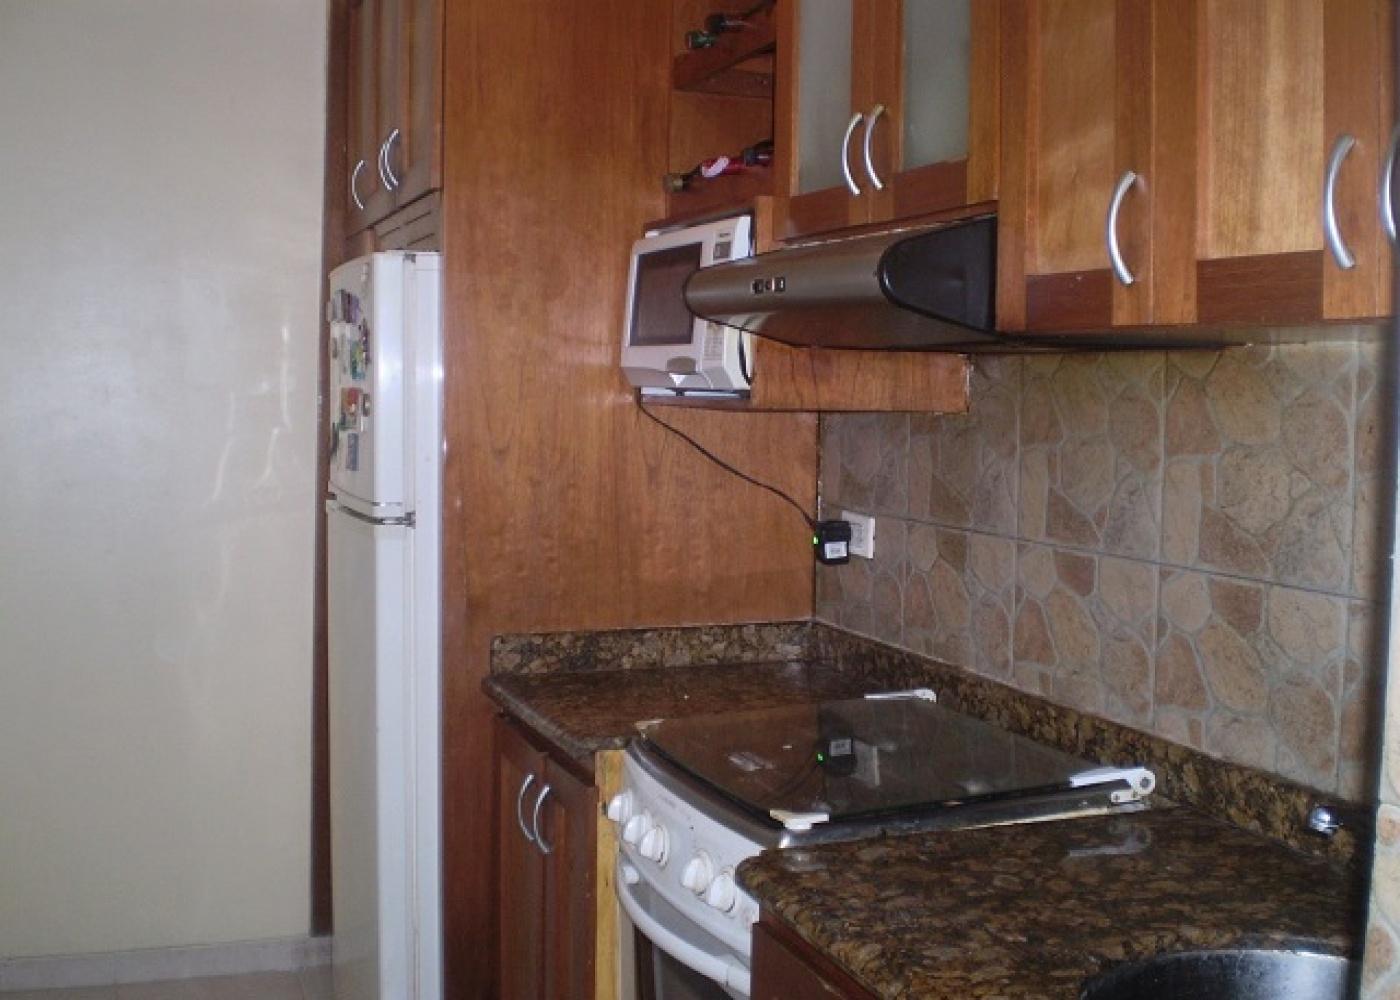 Colegio Americano, Caracas, Gran Caracas, 3 Bedrooms Bedrooms, ,2 BathroomsBathrooms,Apartamento,Venta,El Naranjal Torre F,Colegio Americano,1016